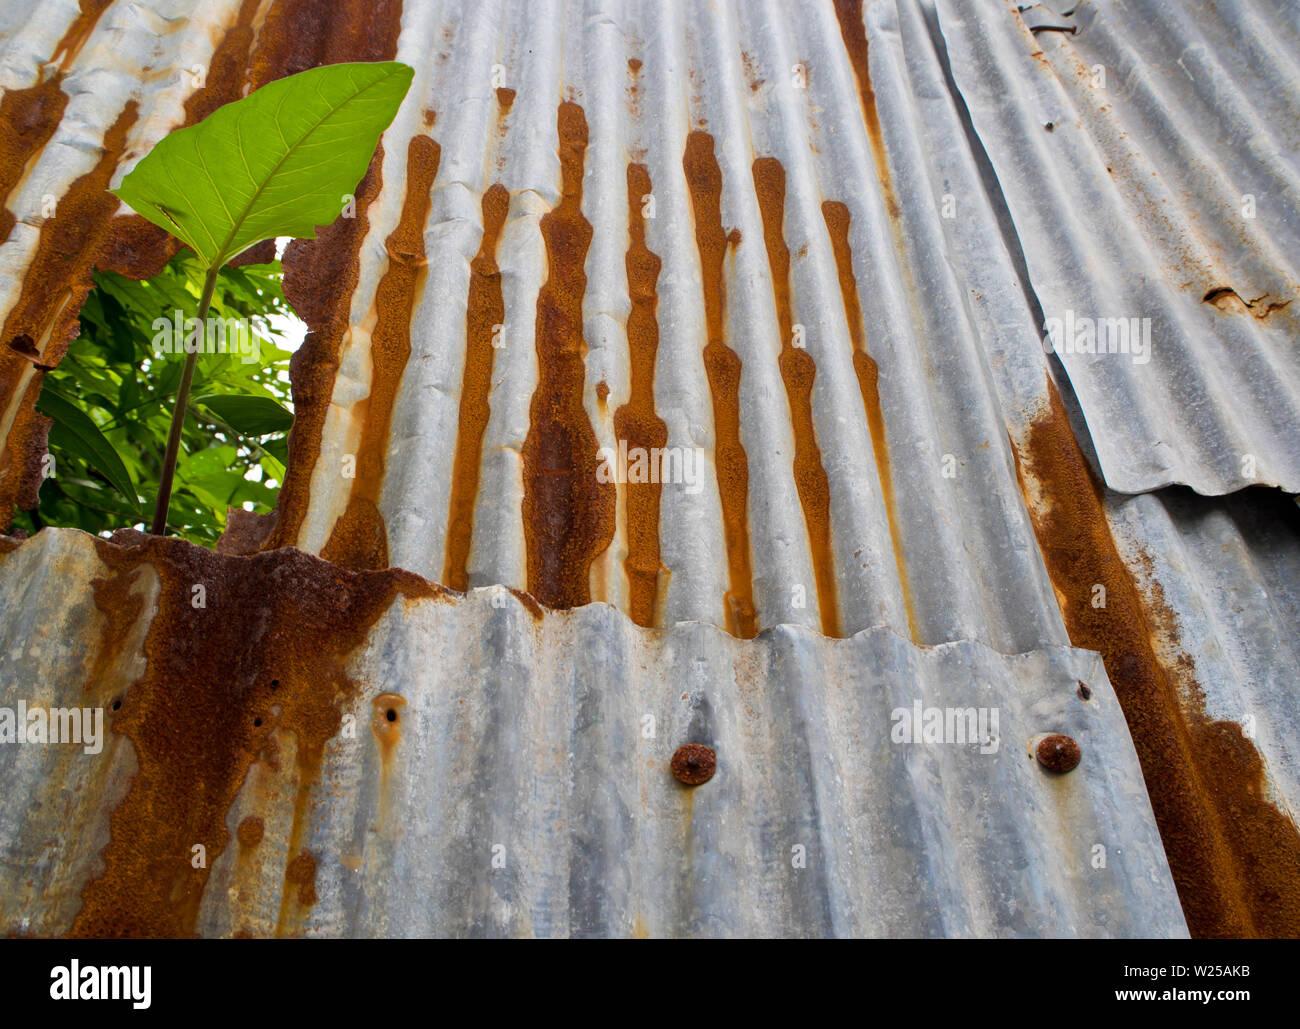 Super Eisenflecken Stockfotos & Eisenflecken Bilder - Alamy YO43